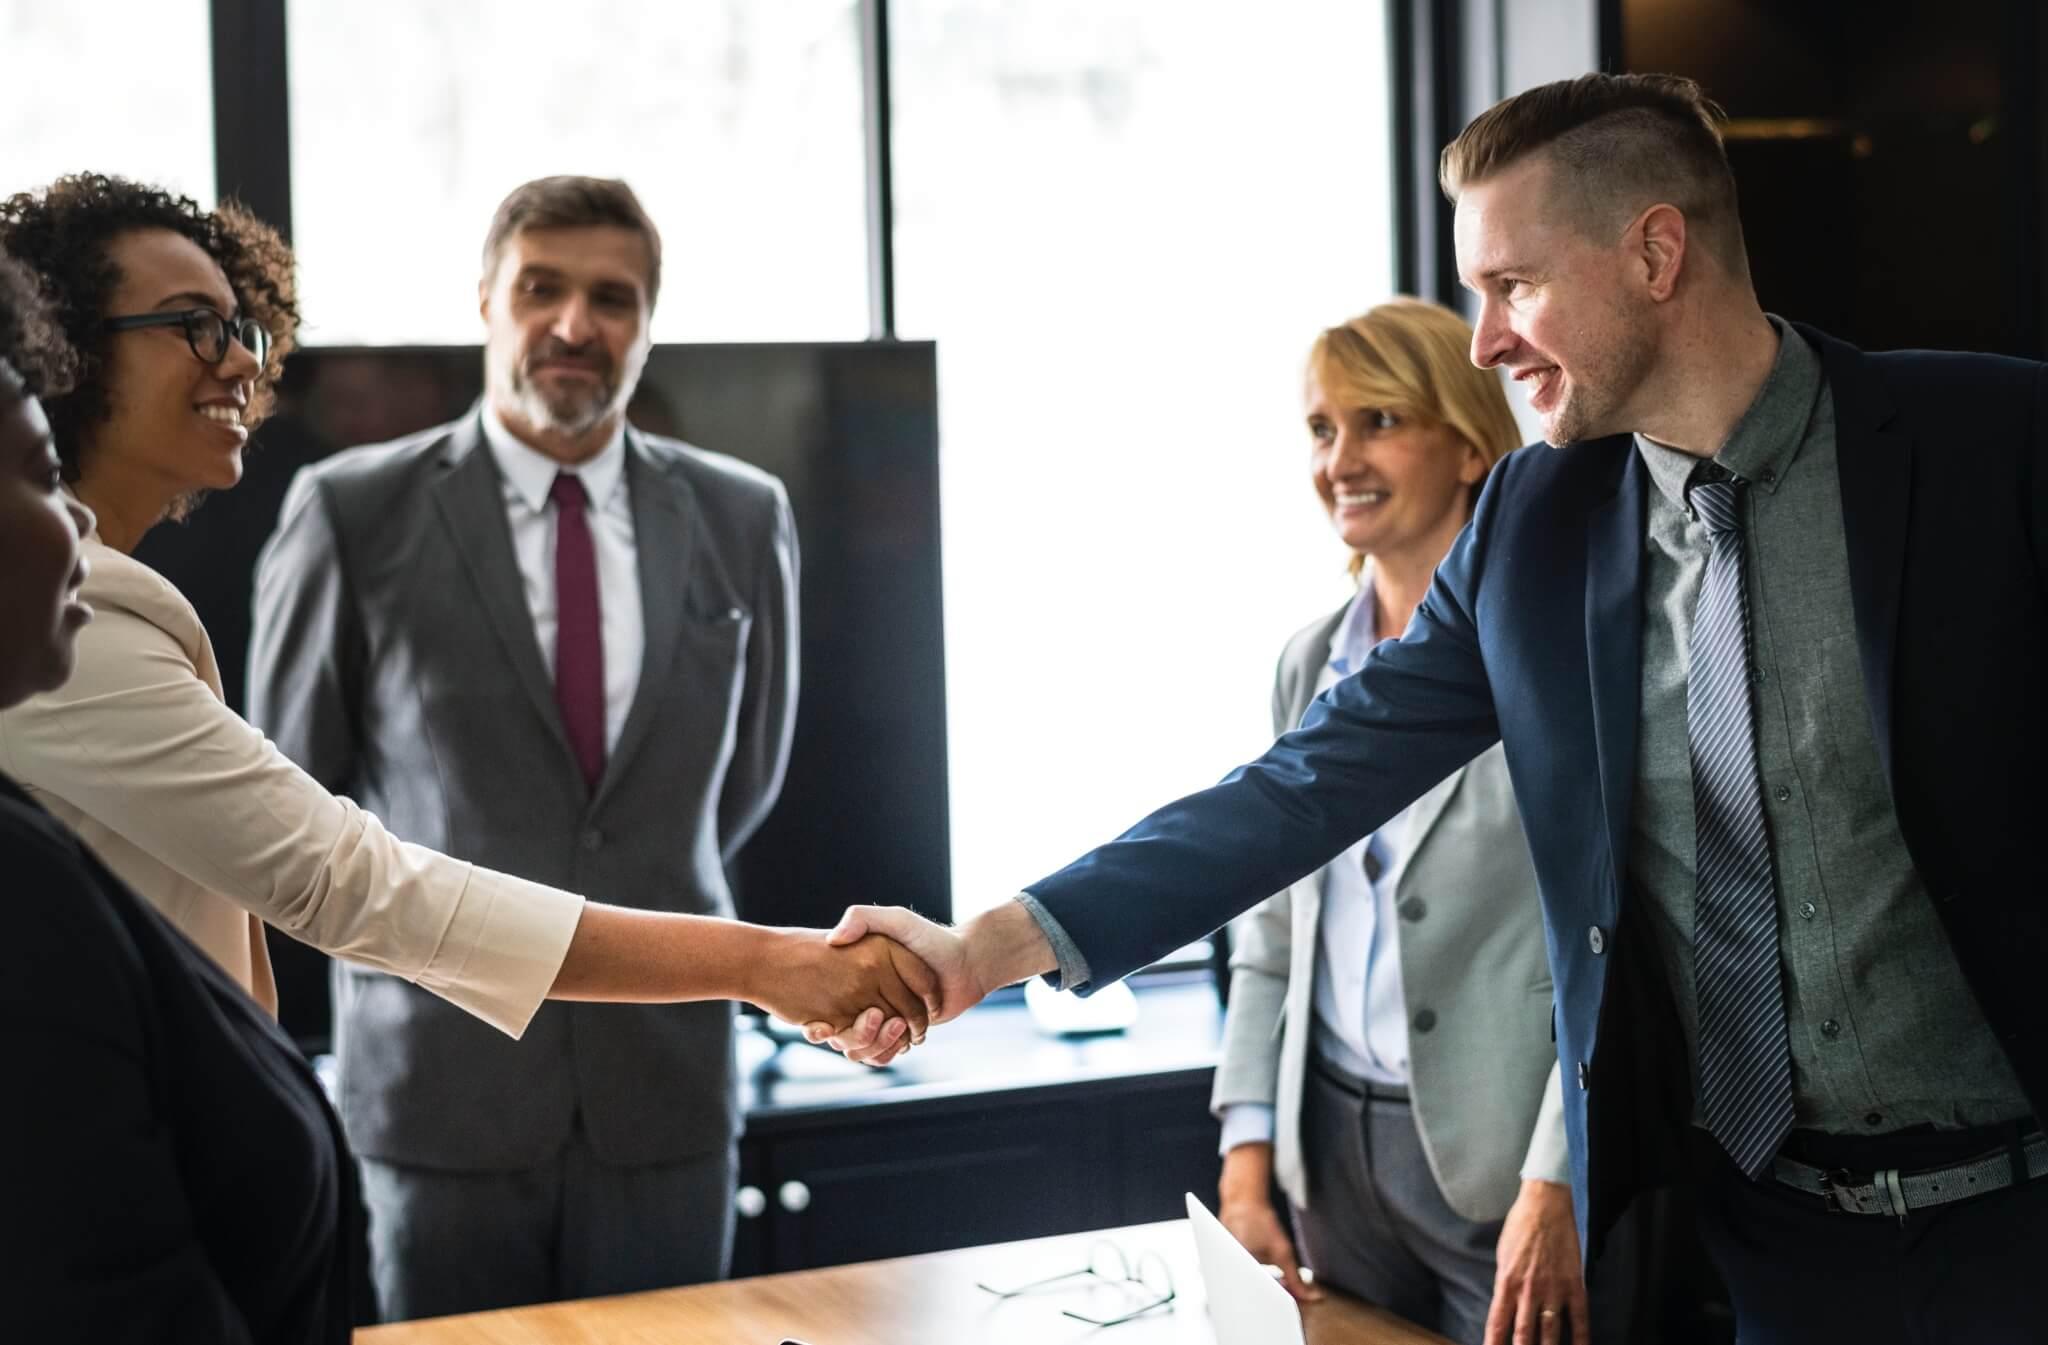 Jurídico moderno: inovação nas empresas para resolver conflitos